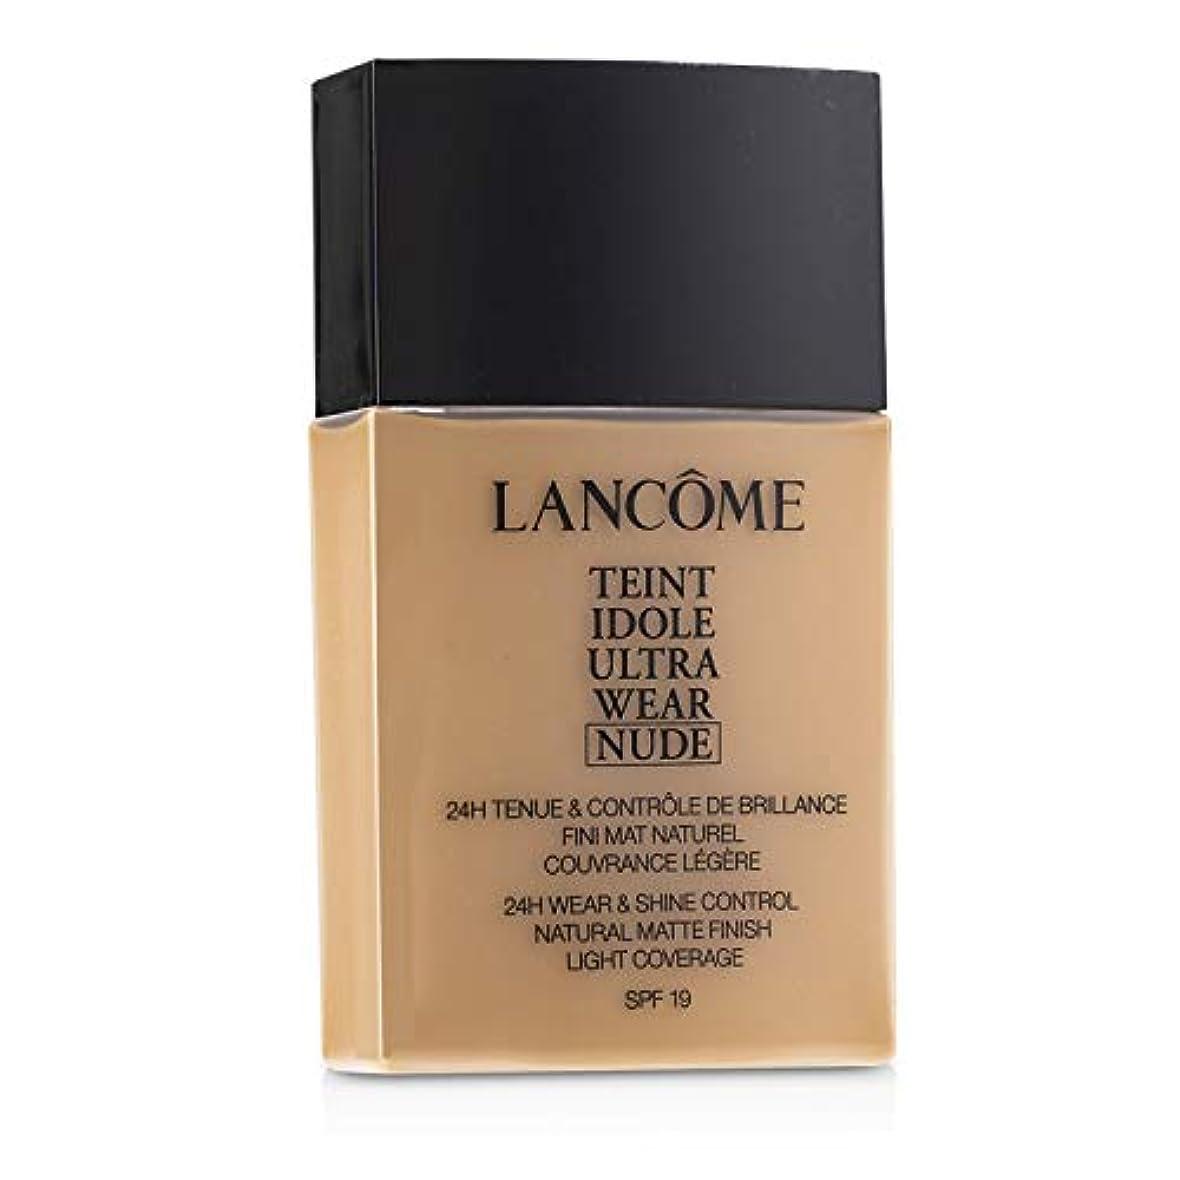 お手入れさびたおいしいランコム Teint Idole Ultra Wear Nude Foundation SPF19 - # 05 Beige Noisette 40ml/1.3oz並行輸入品